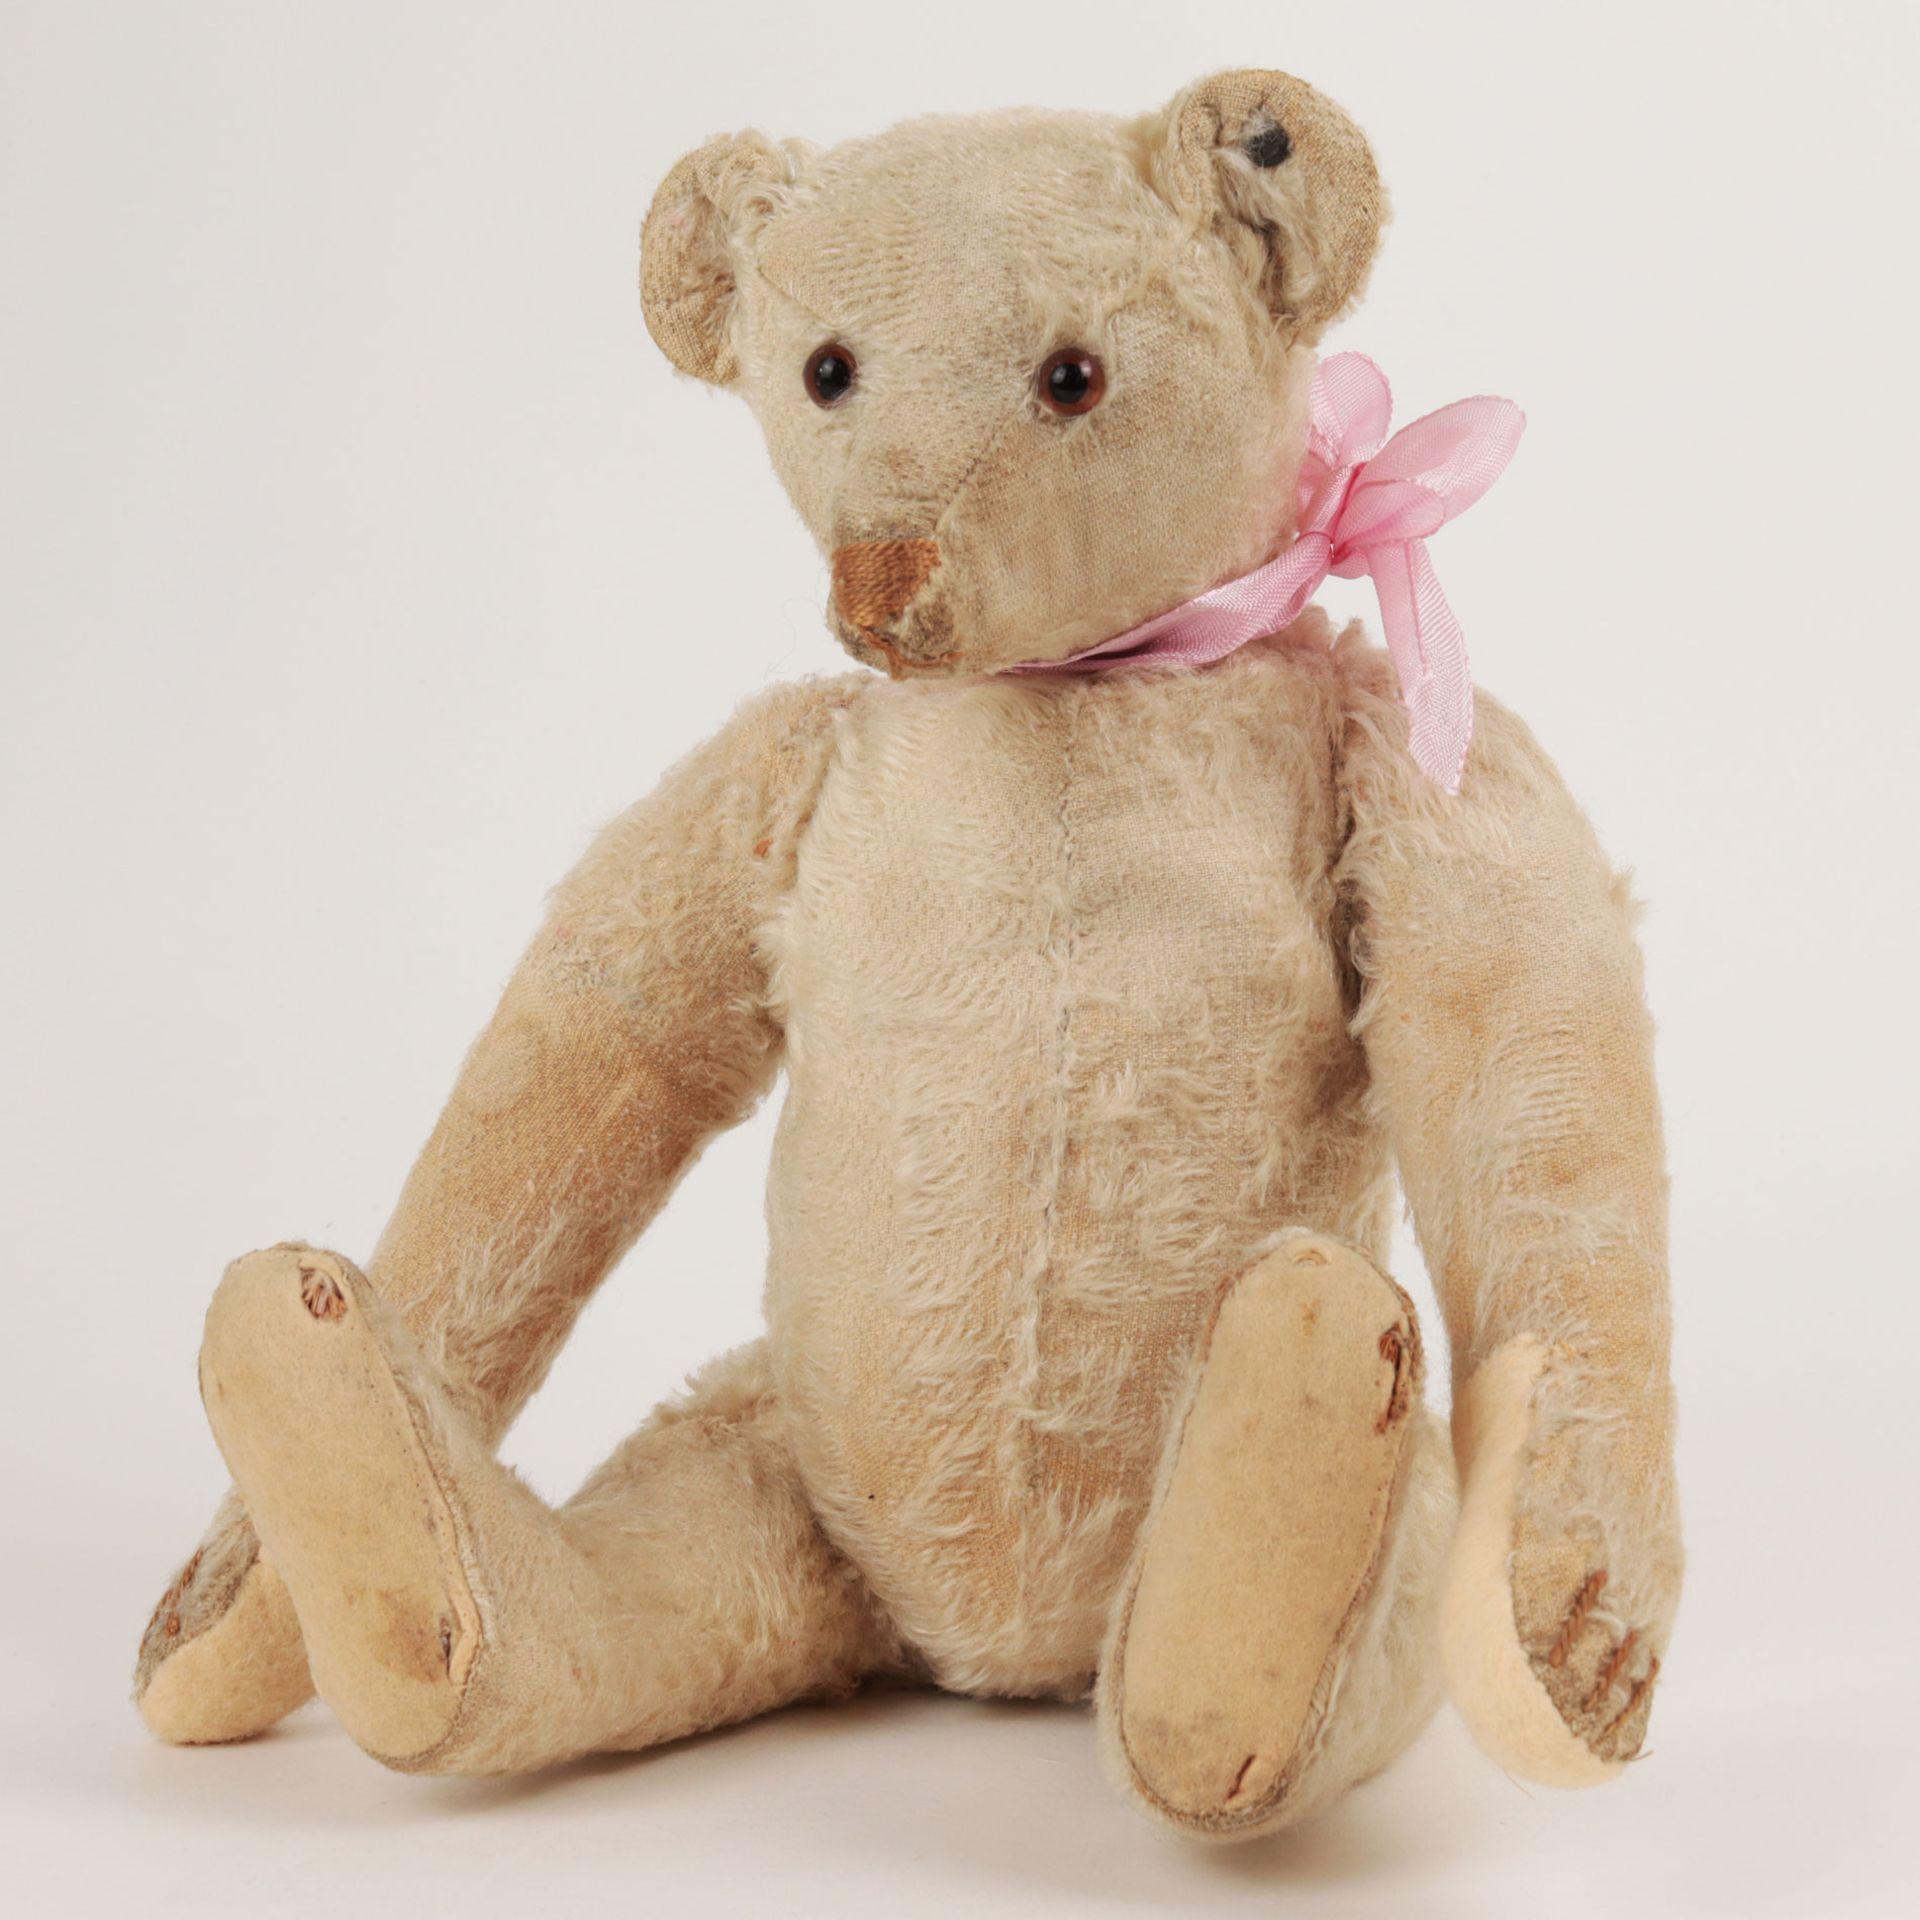 Steiff – Teddybär um 1930, Knopf im Ohr (mit heruntergezogenem 'f'), heller Mohairb